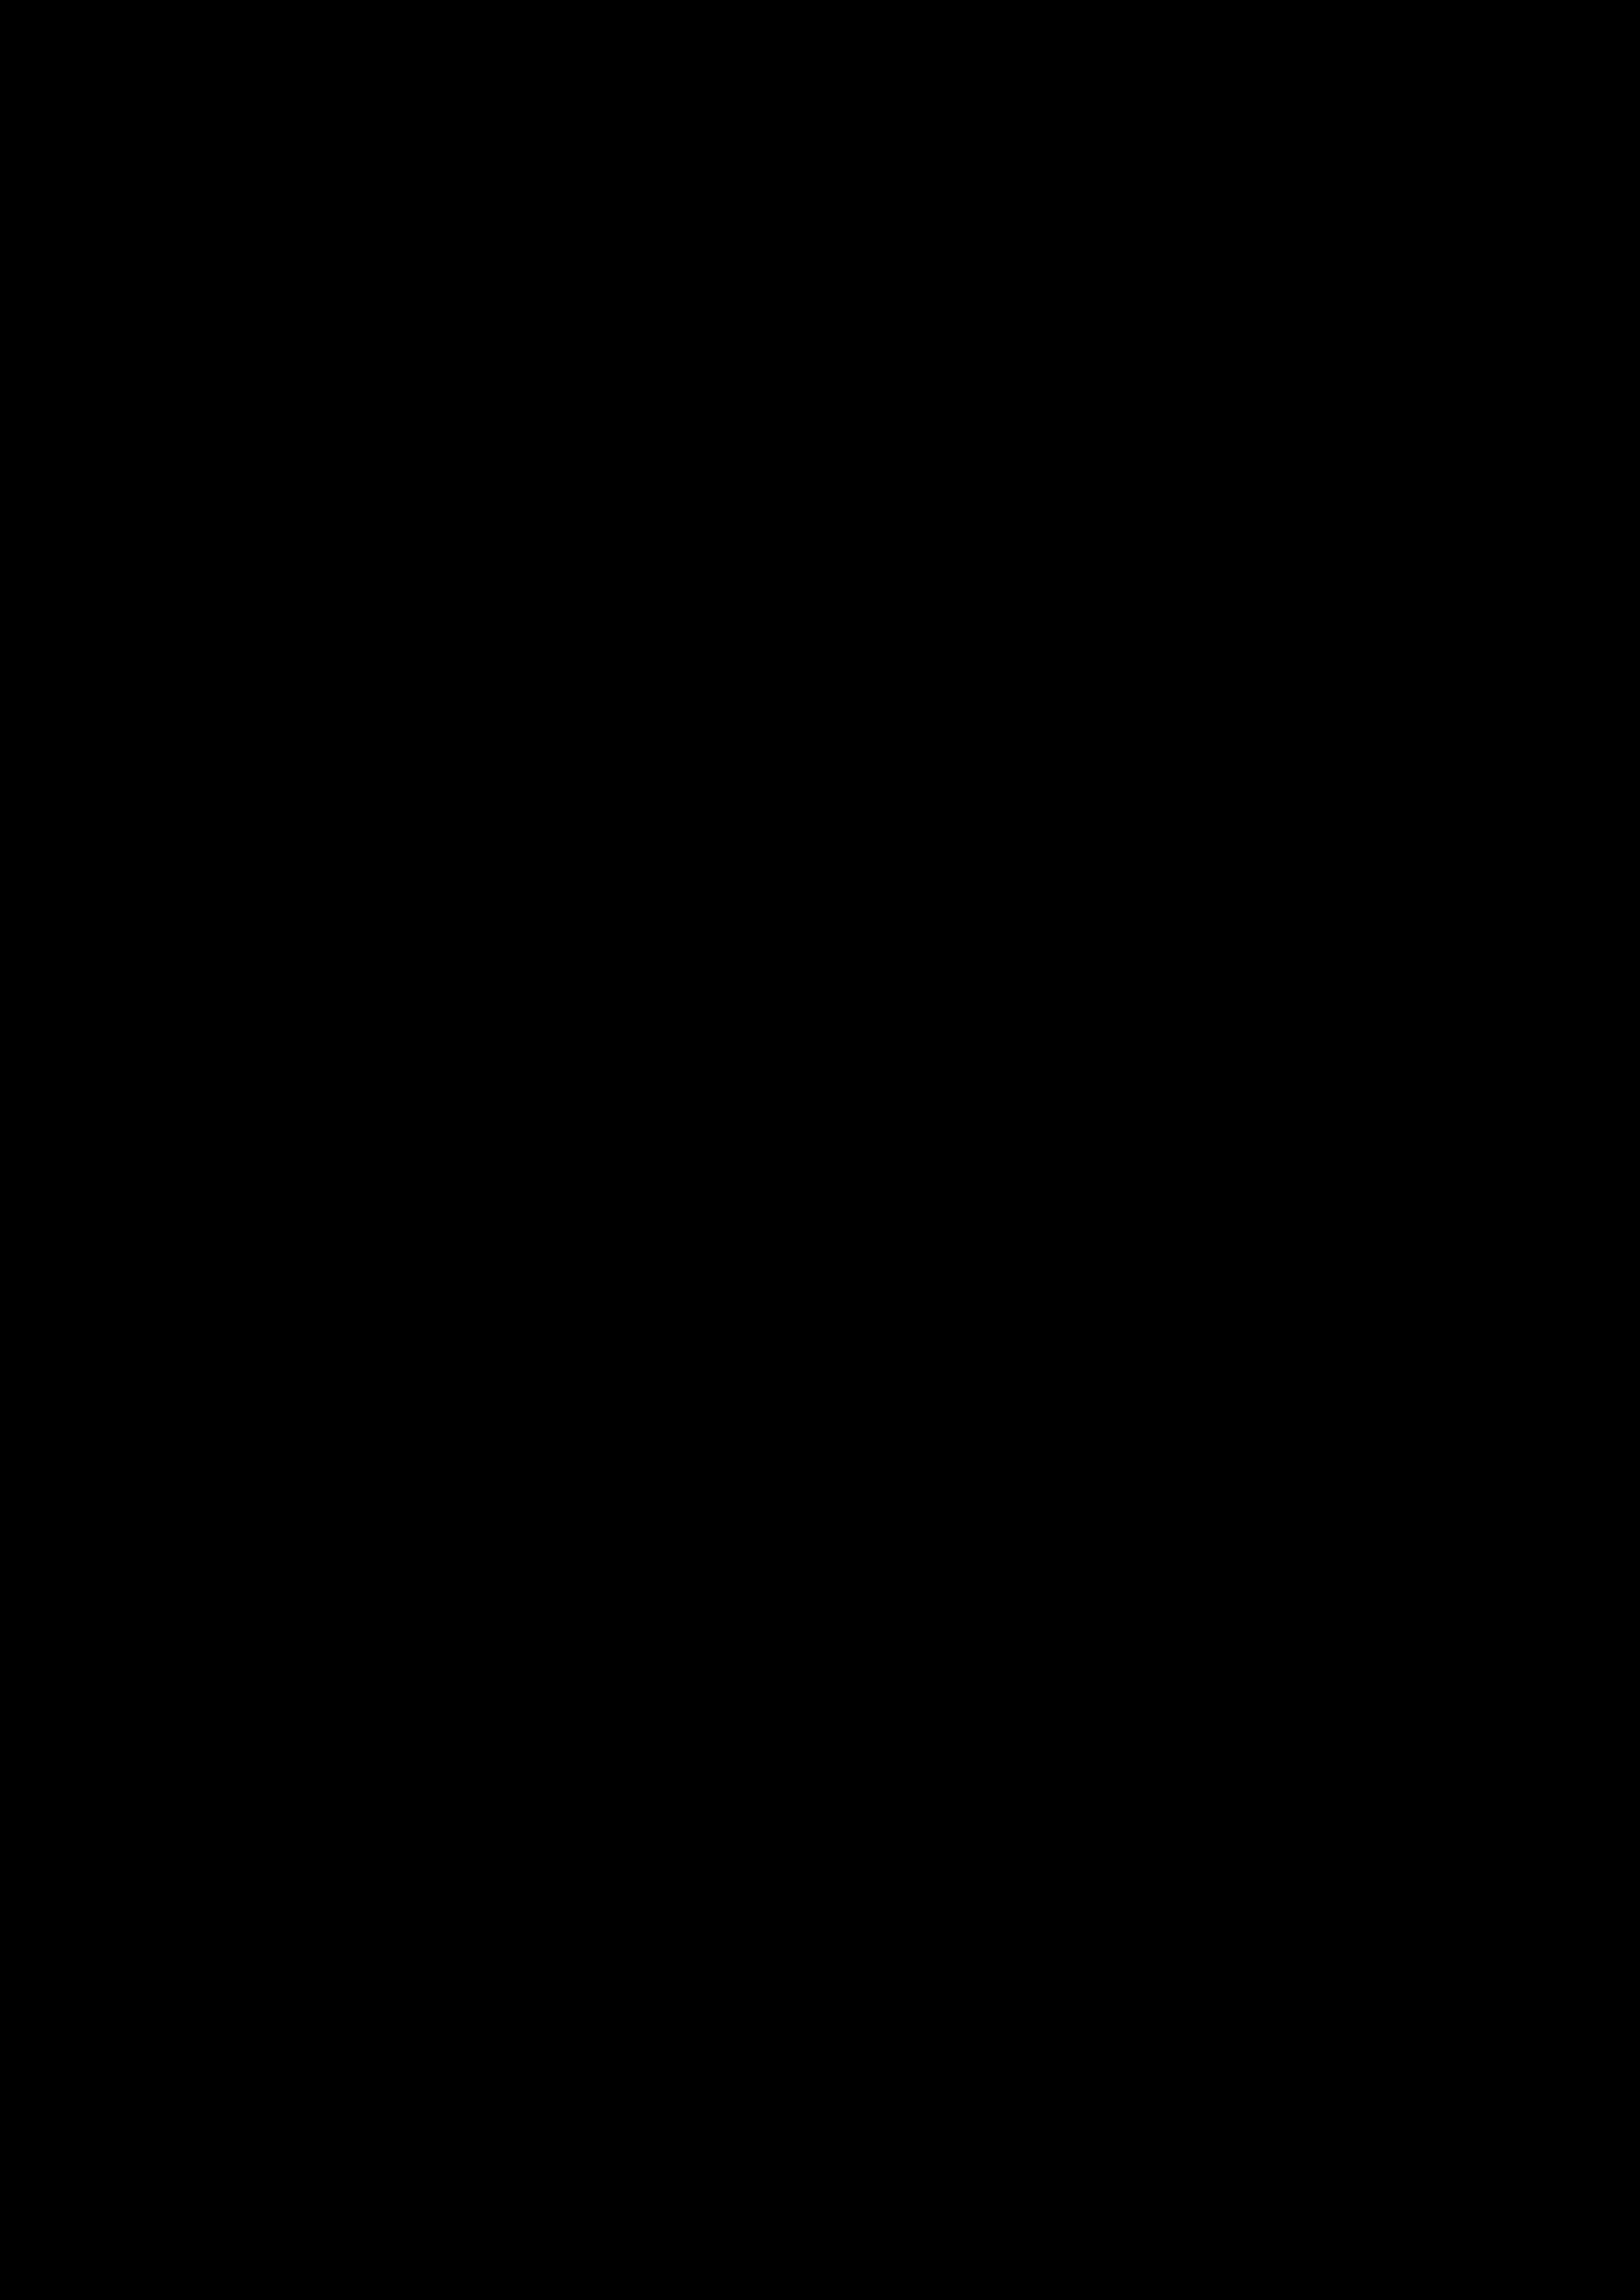 Business Dinner Etiquette